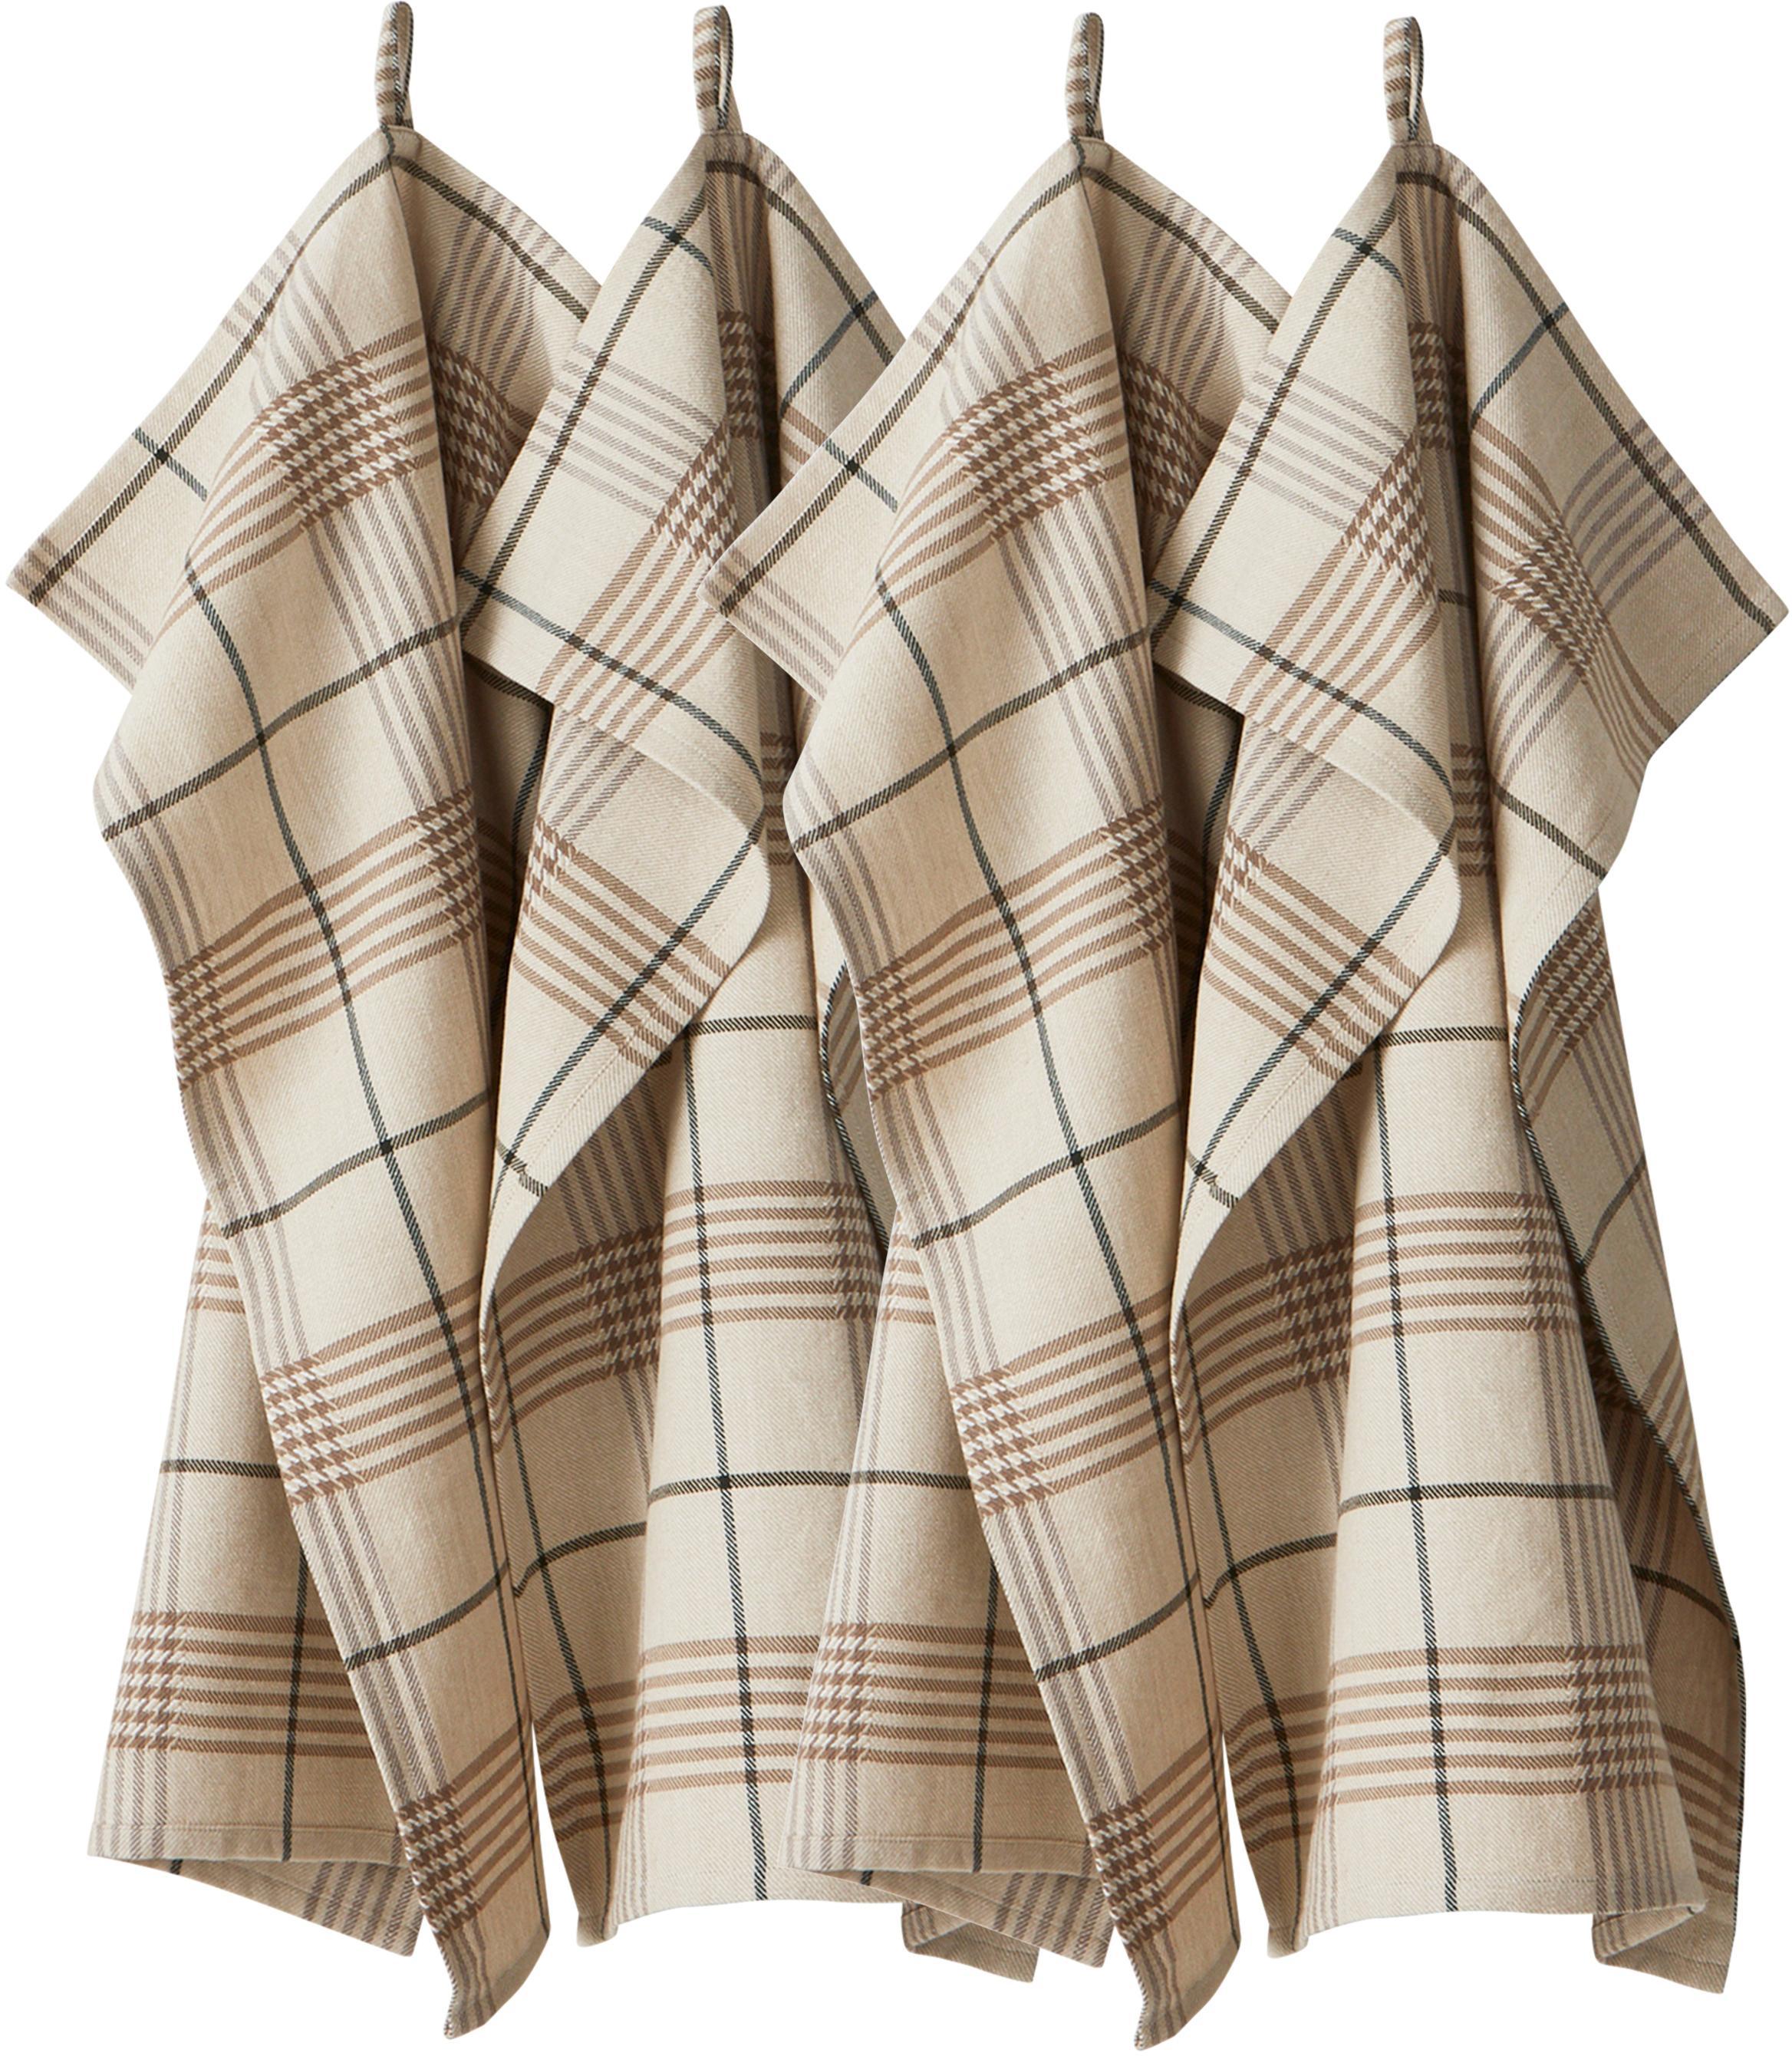 Ręcznik kuchenny Ellery, 4 szt., 100% bawełna pochodząca ze zrównoważonych upraw, Beżowy, odcienie brązowego, S 50 x D 70 cm